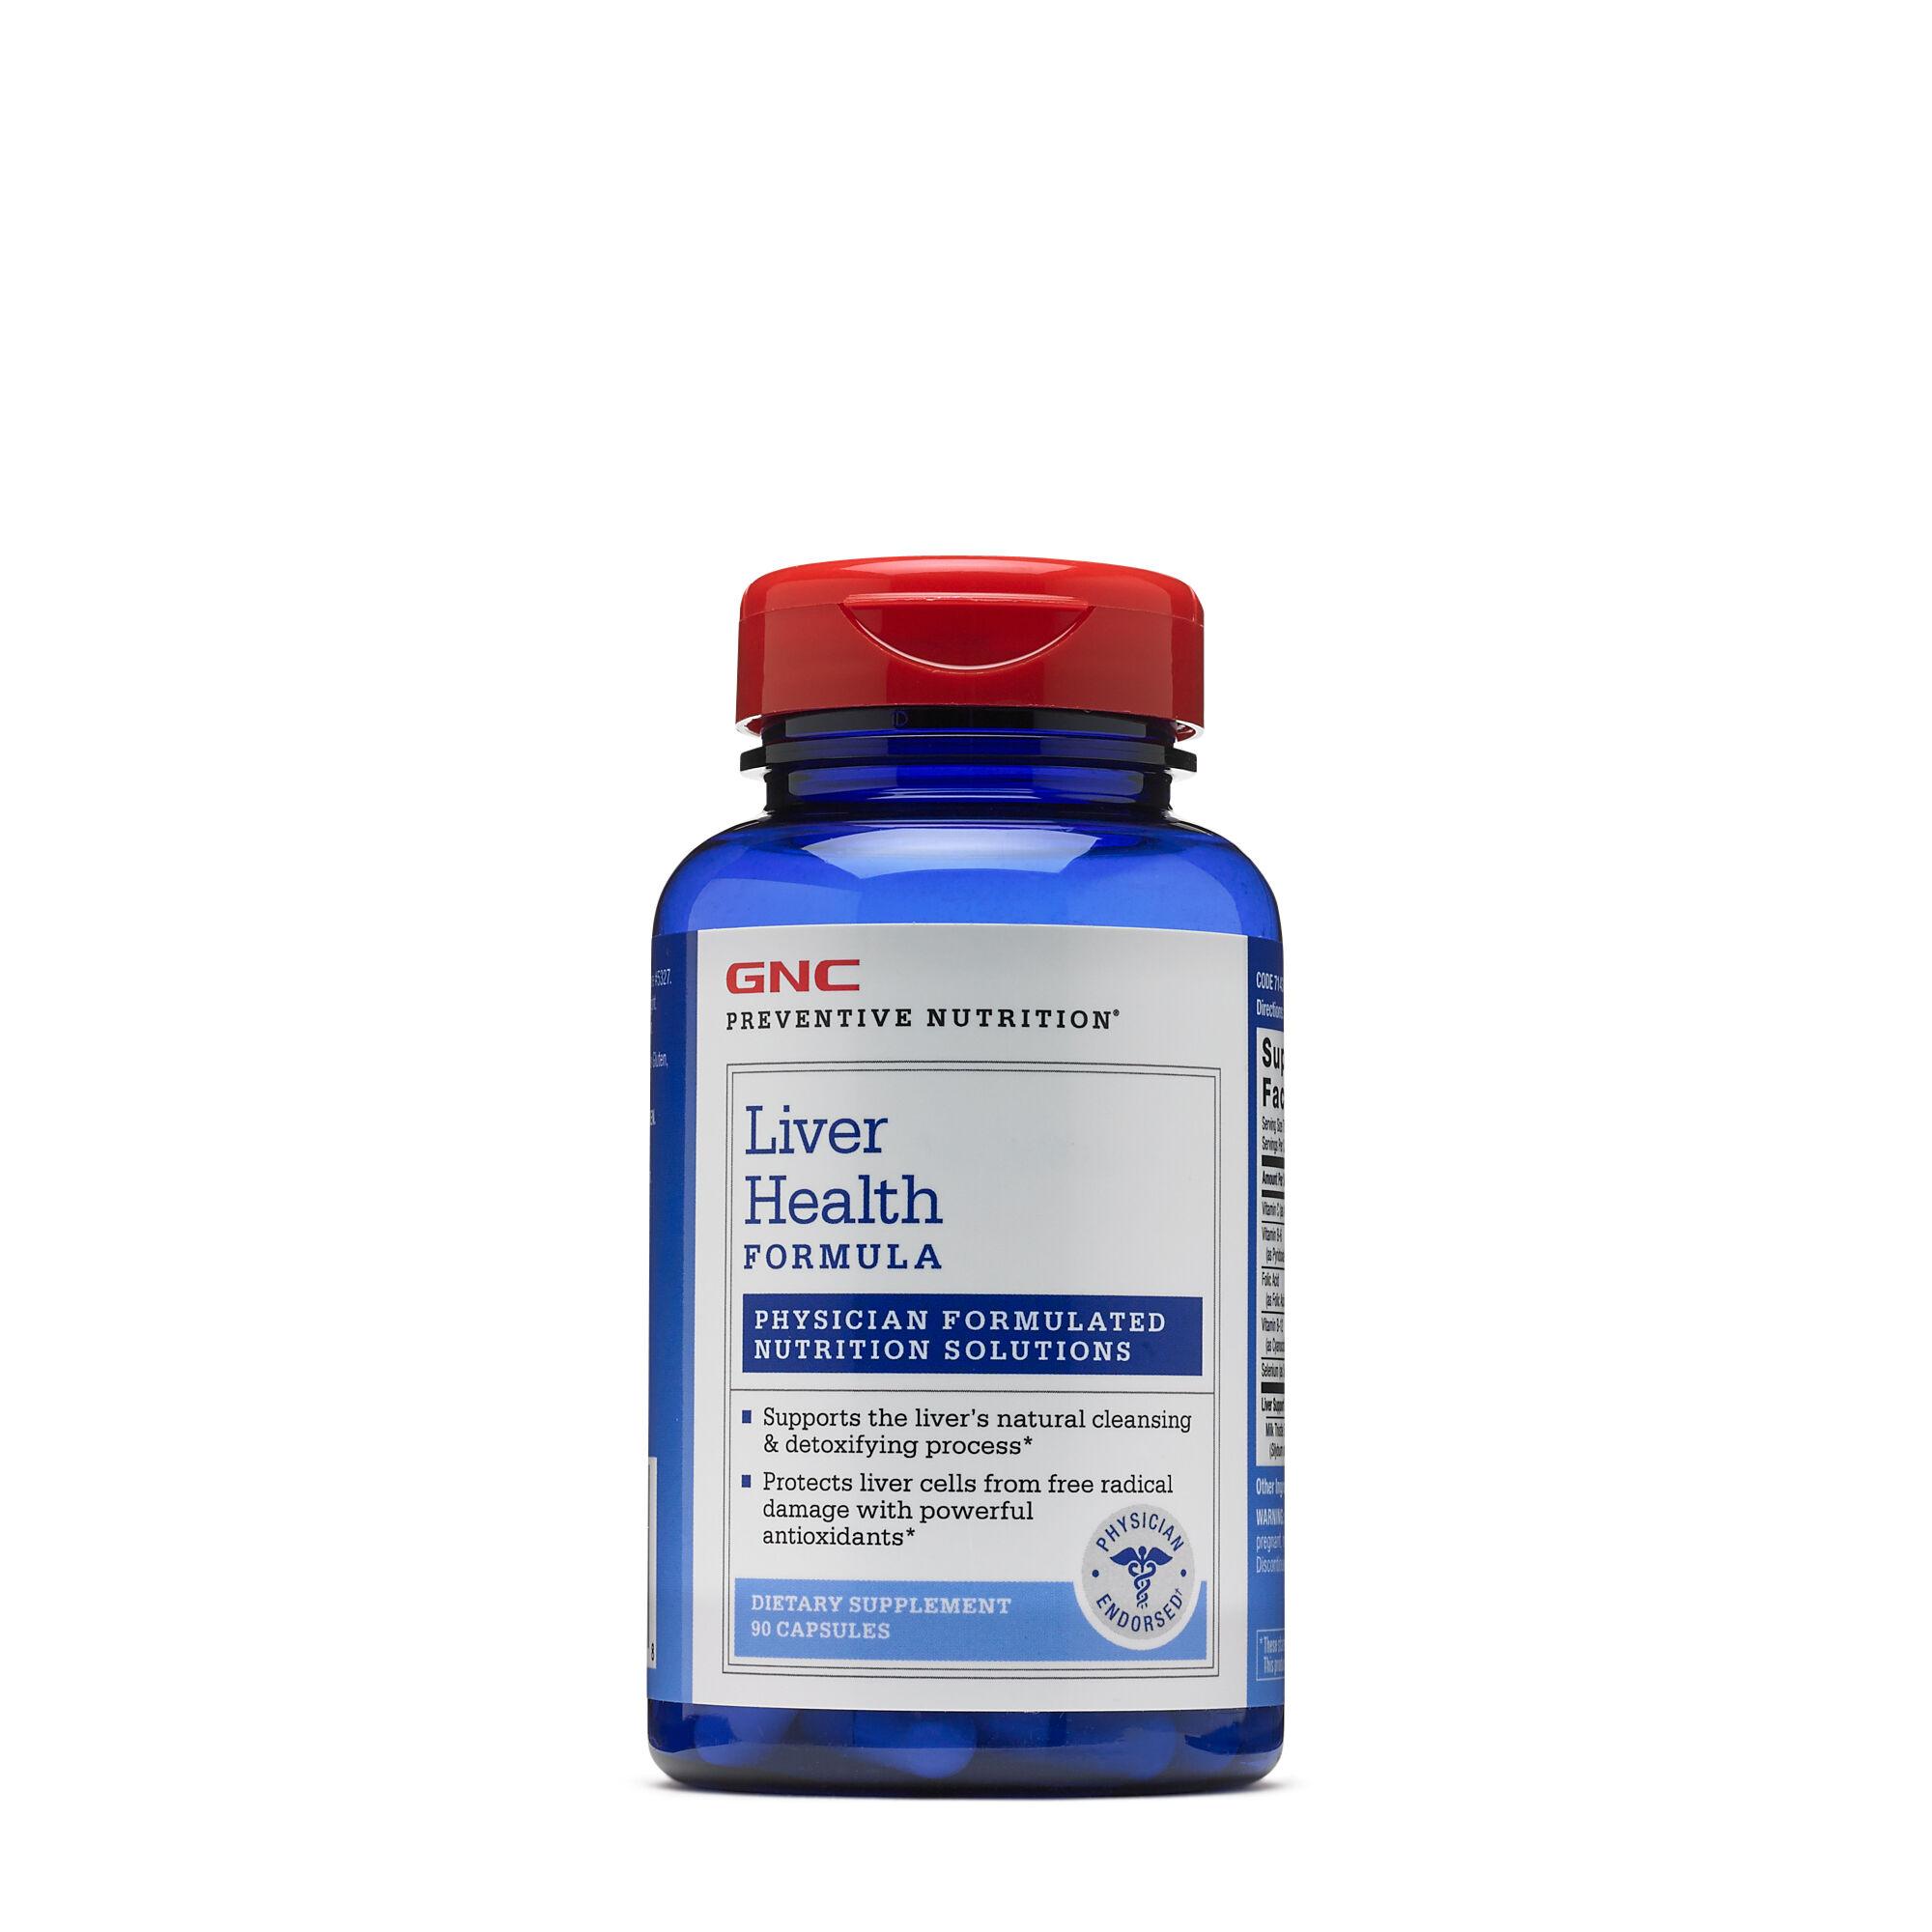 GNC Preventive Nutrition® Liver Health Formula